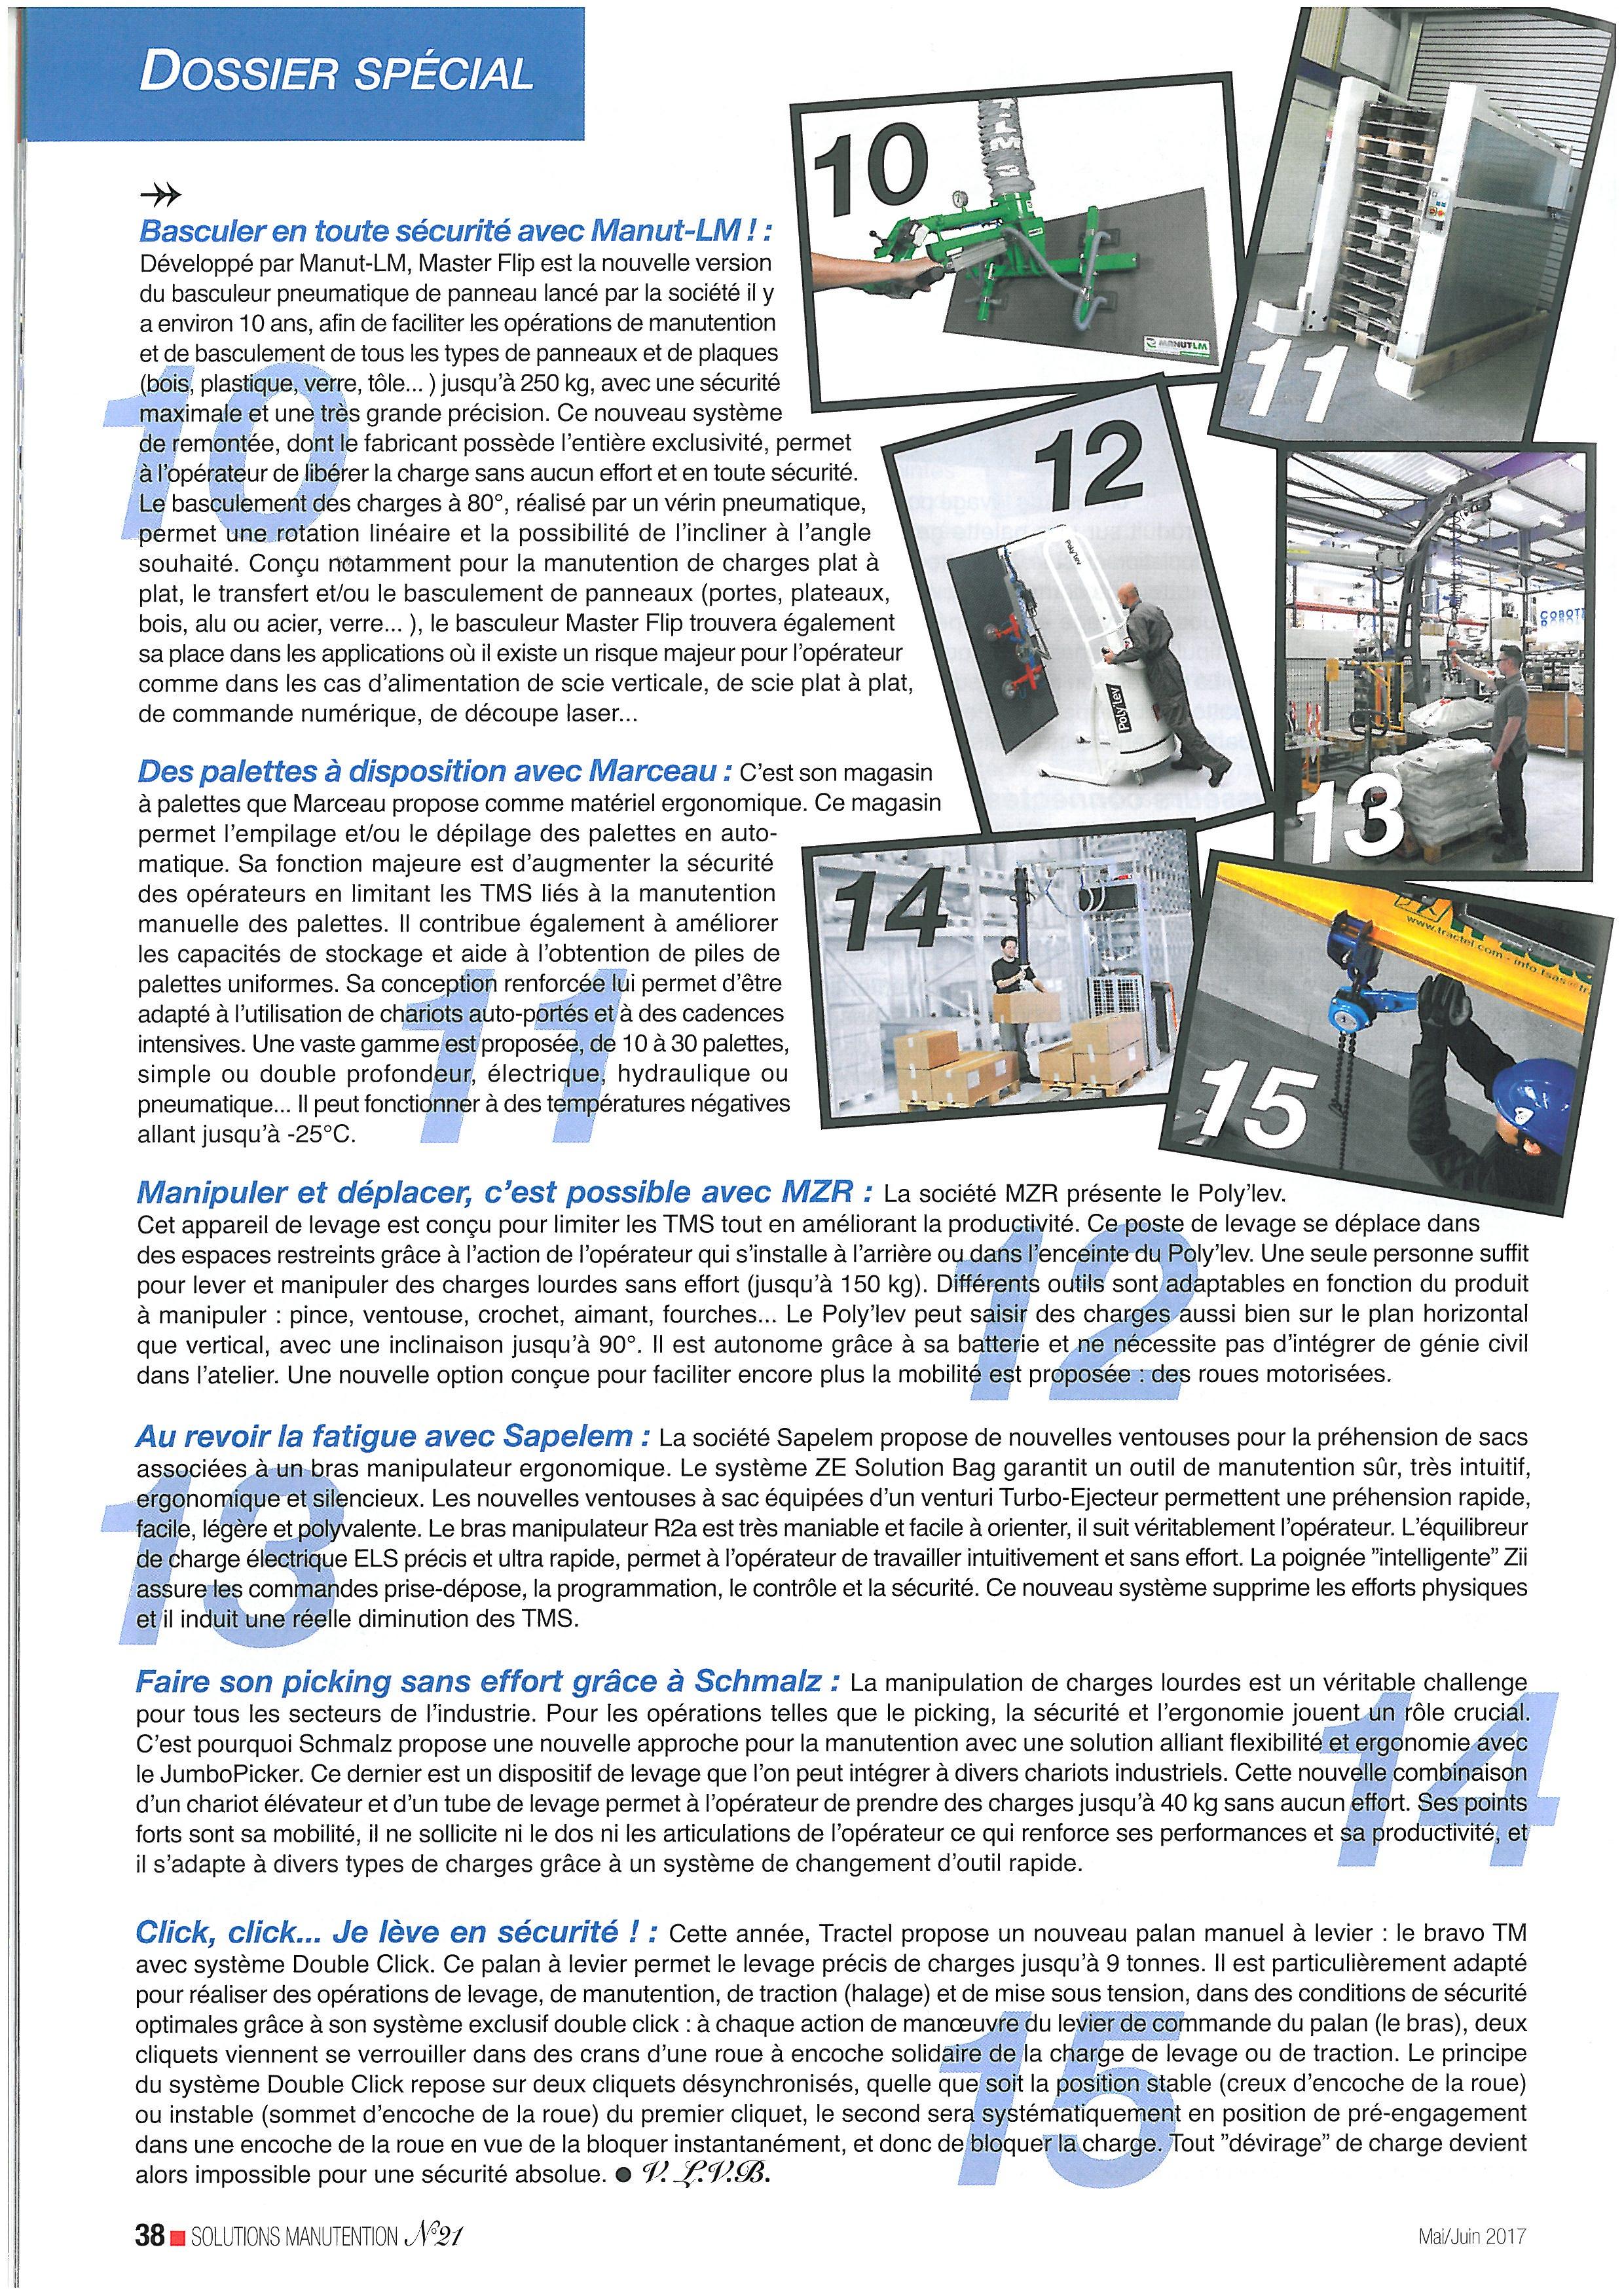 Dossier spécial : Les matériels d'aide à la manutention et le levage -(Solutions Manutention n°21 – mai/juin 2017)